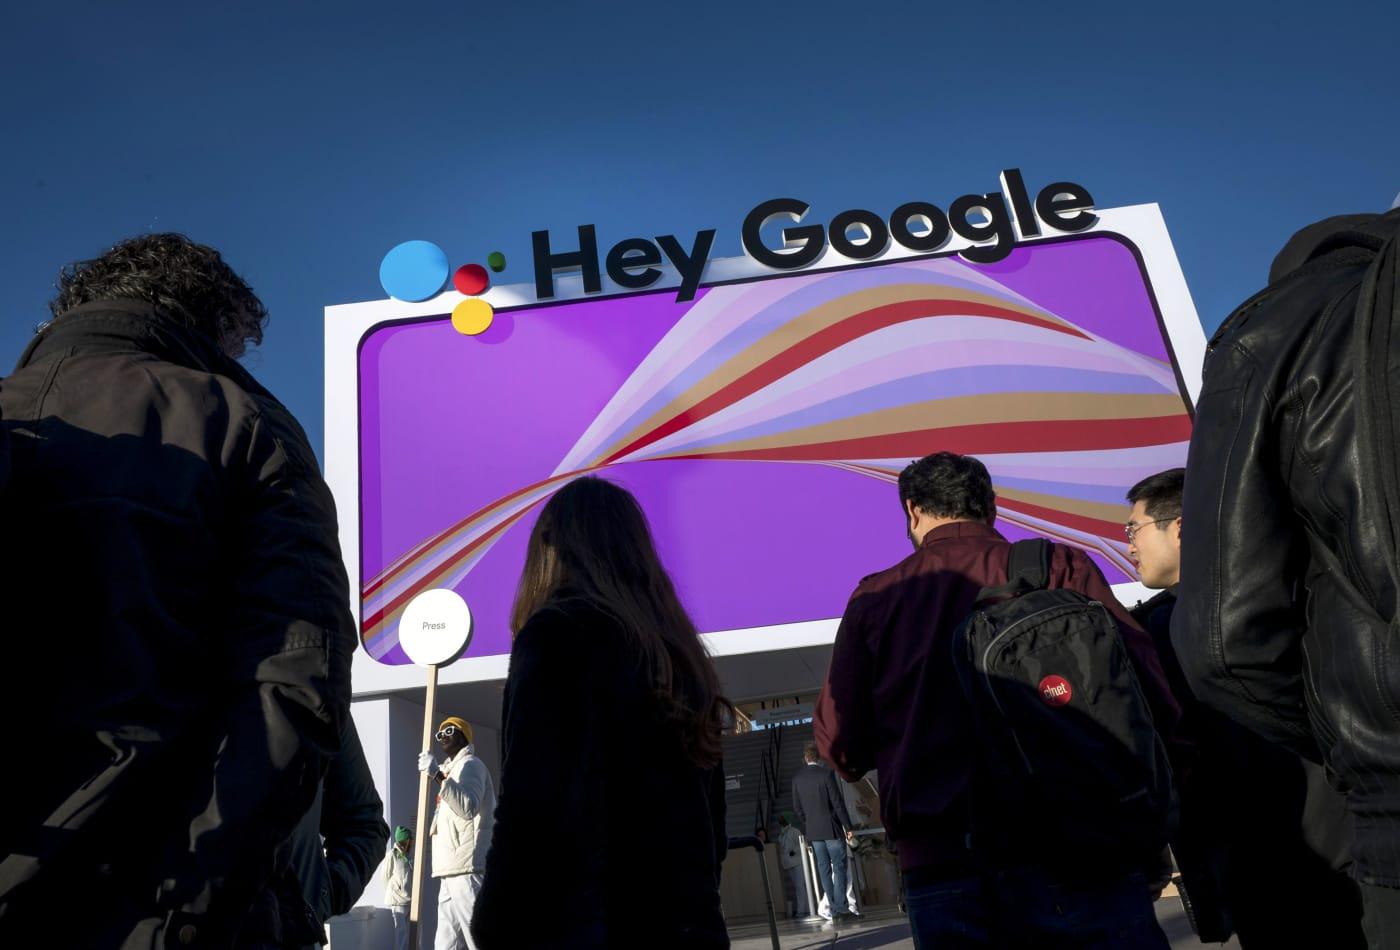 Google under fire: What the DOJ's lawsuit means for Alphabet